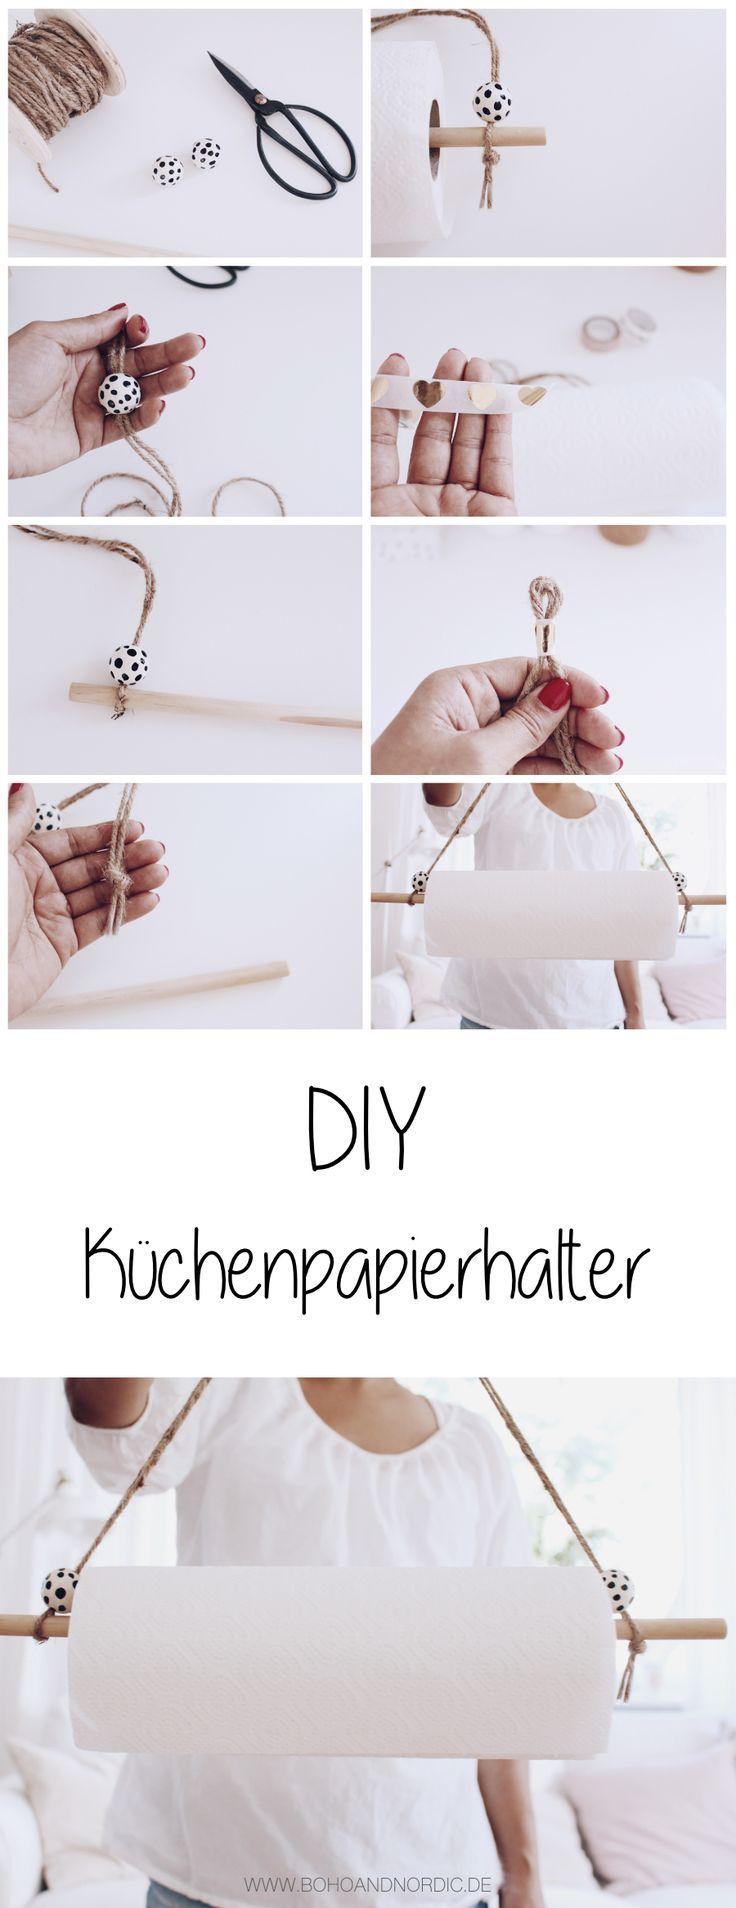 DIY-Küchenrollenhalter-selber-machen